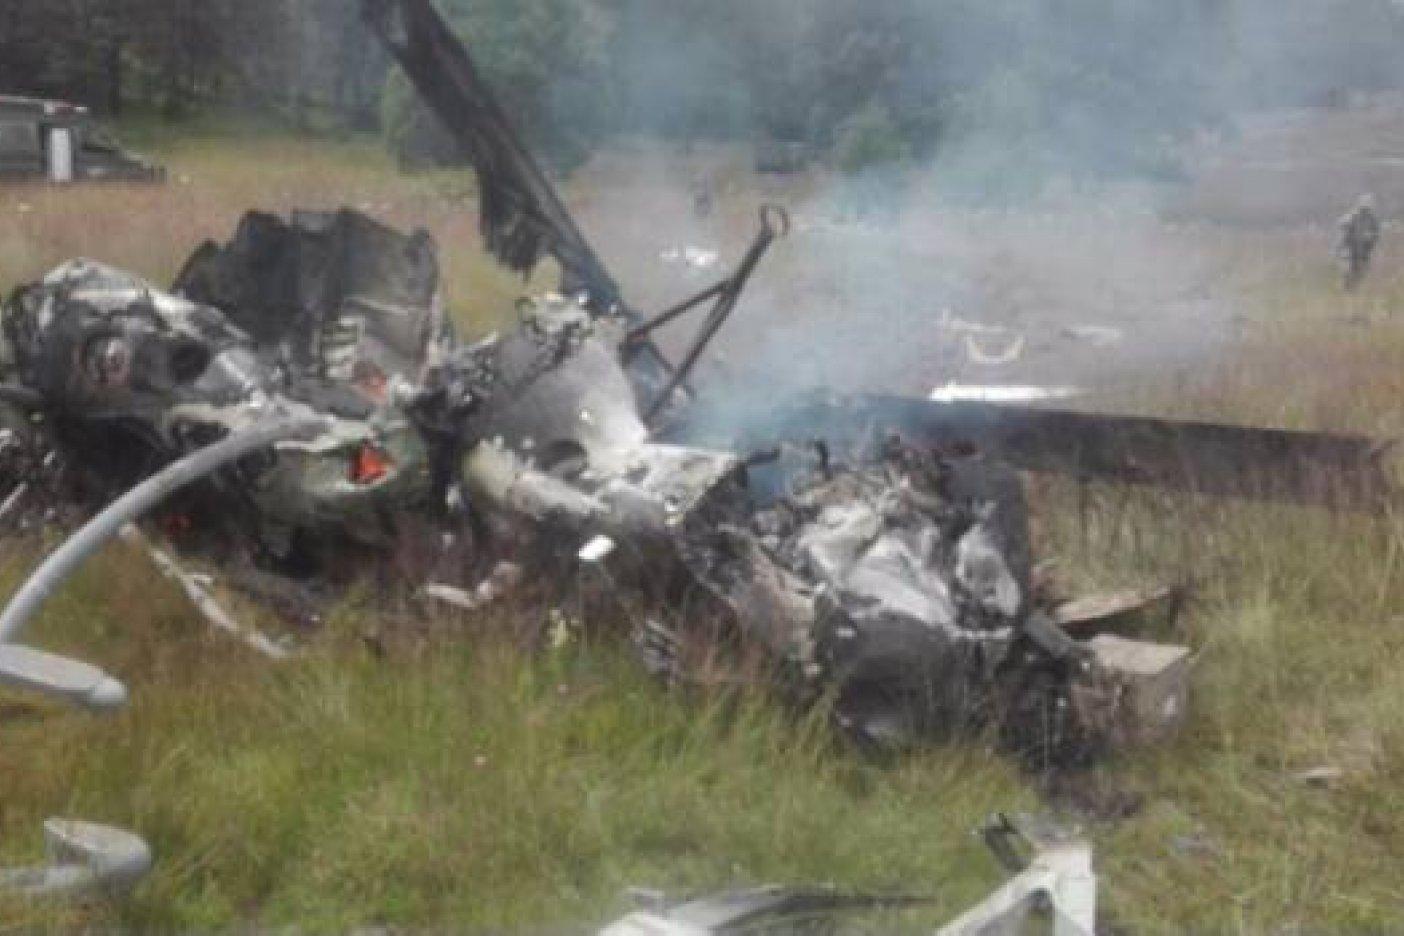 Cae helicóptero militar en norte de México, habría siete muertos